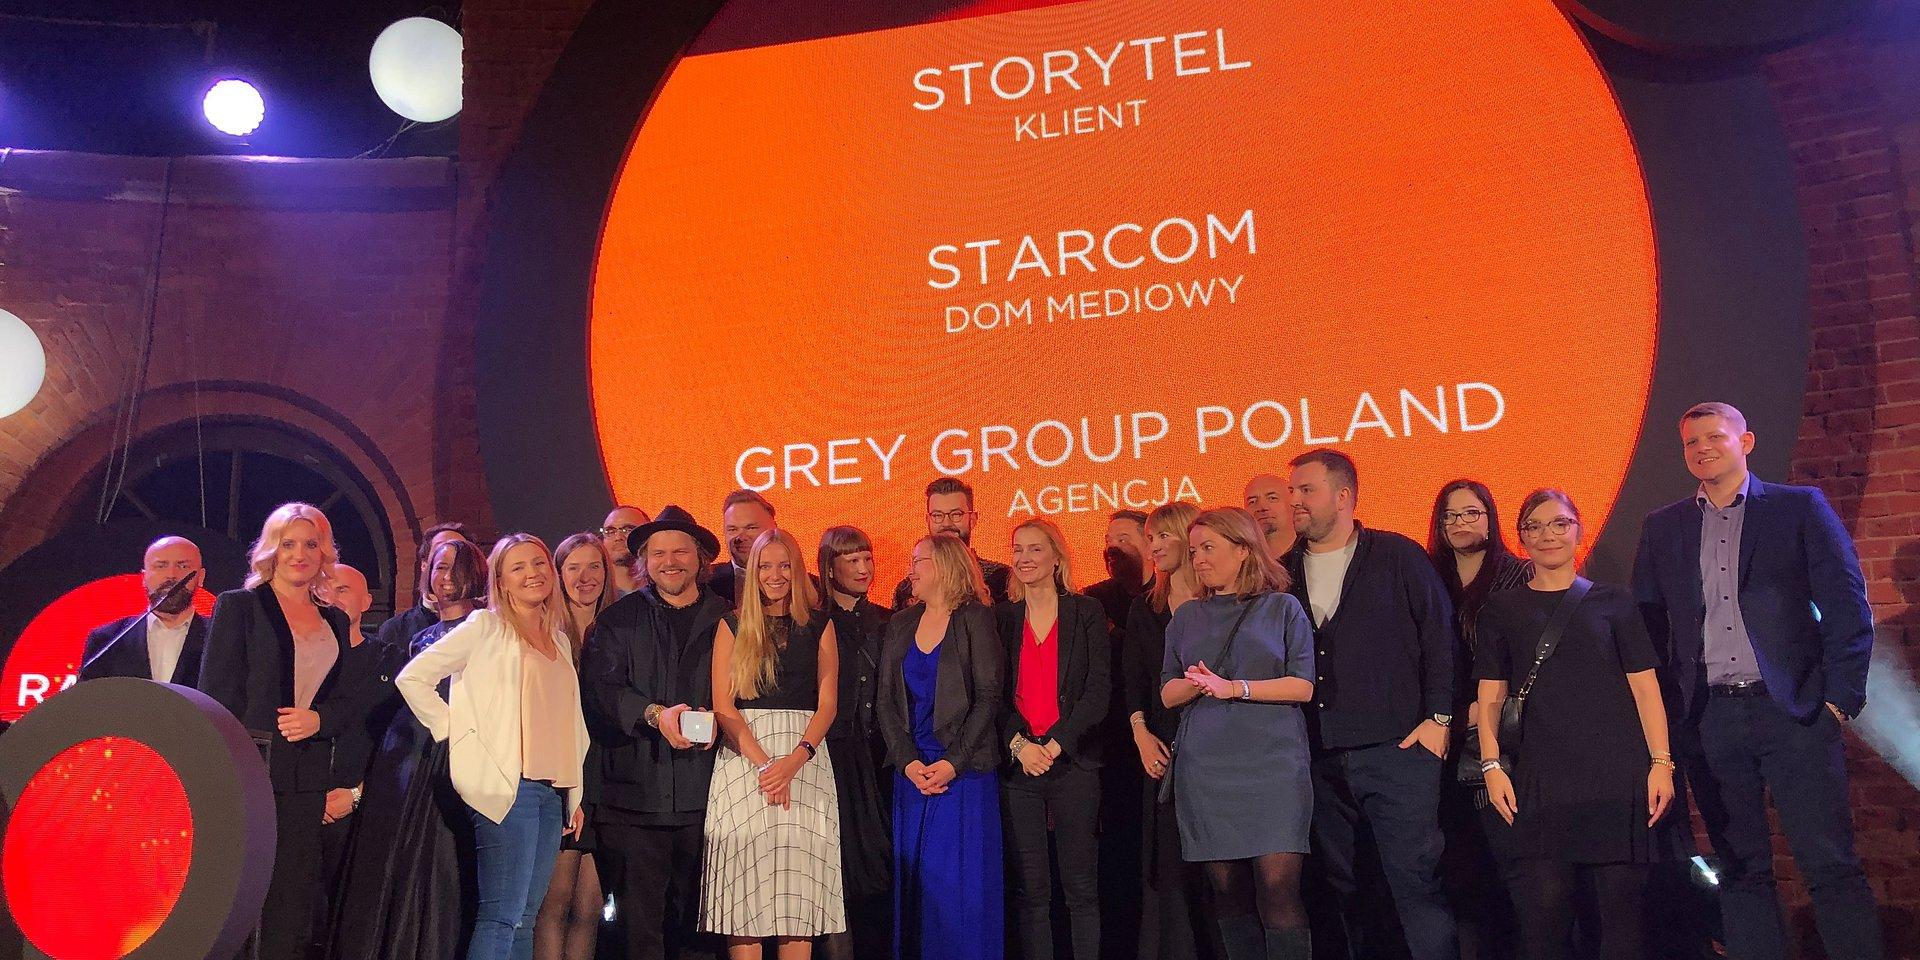 Dwa złota i tytuł najbardziej innowacyjnego klienta dla Storytel w konkursie Innovation 2019